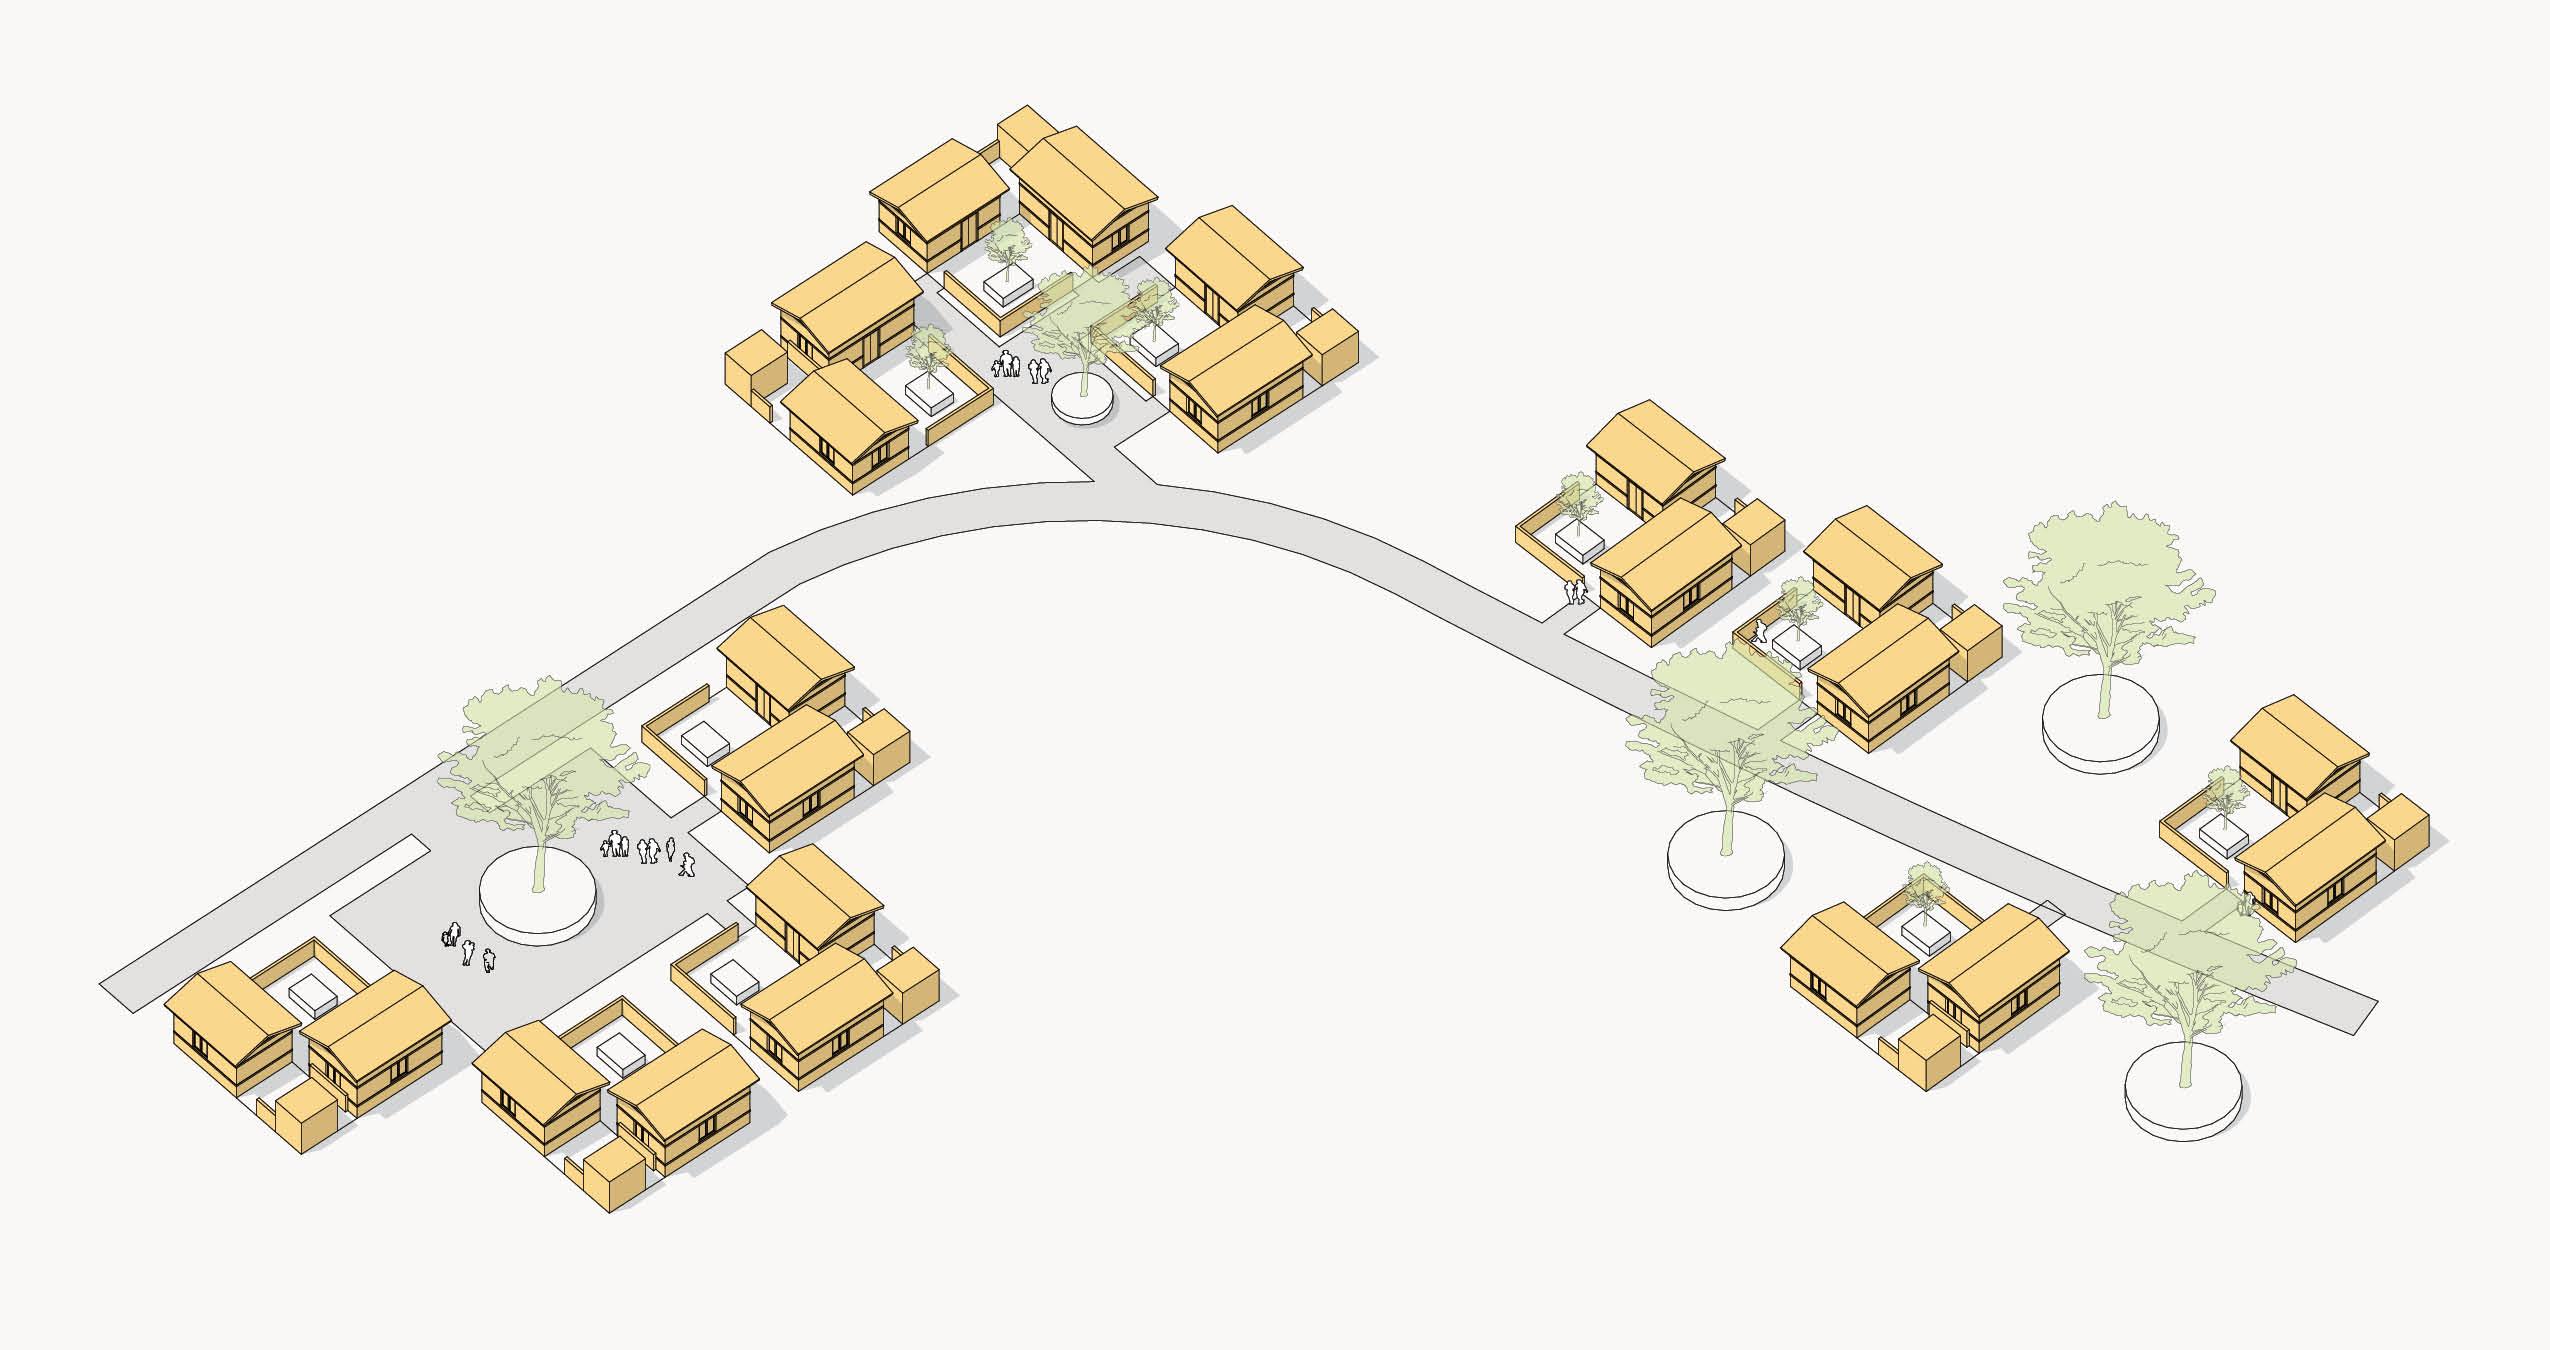 Henriquez's conceptual community plan for Phase 1 of Bansbari reconstruction